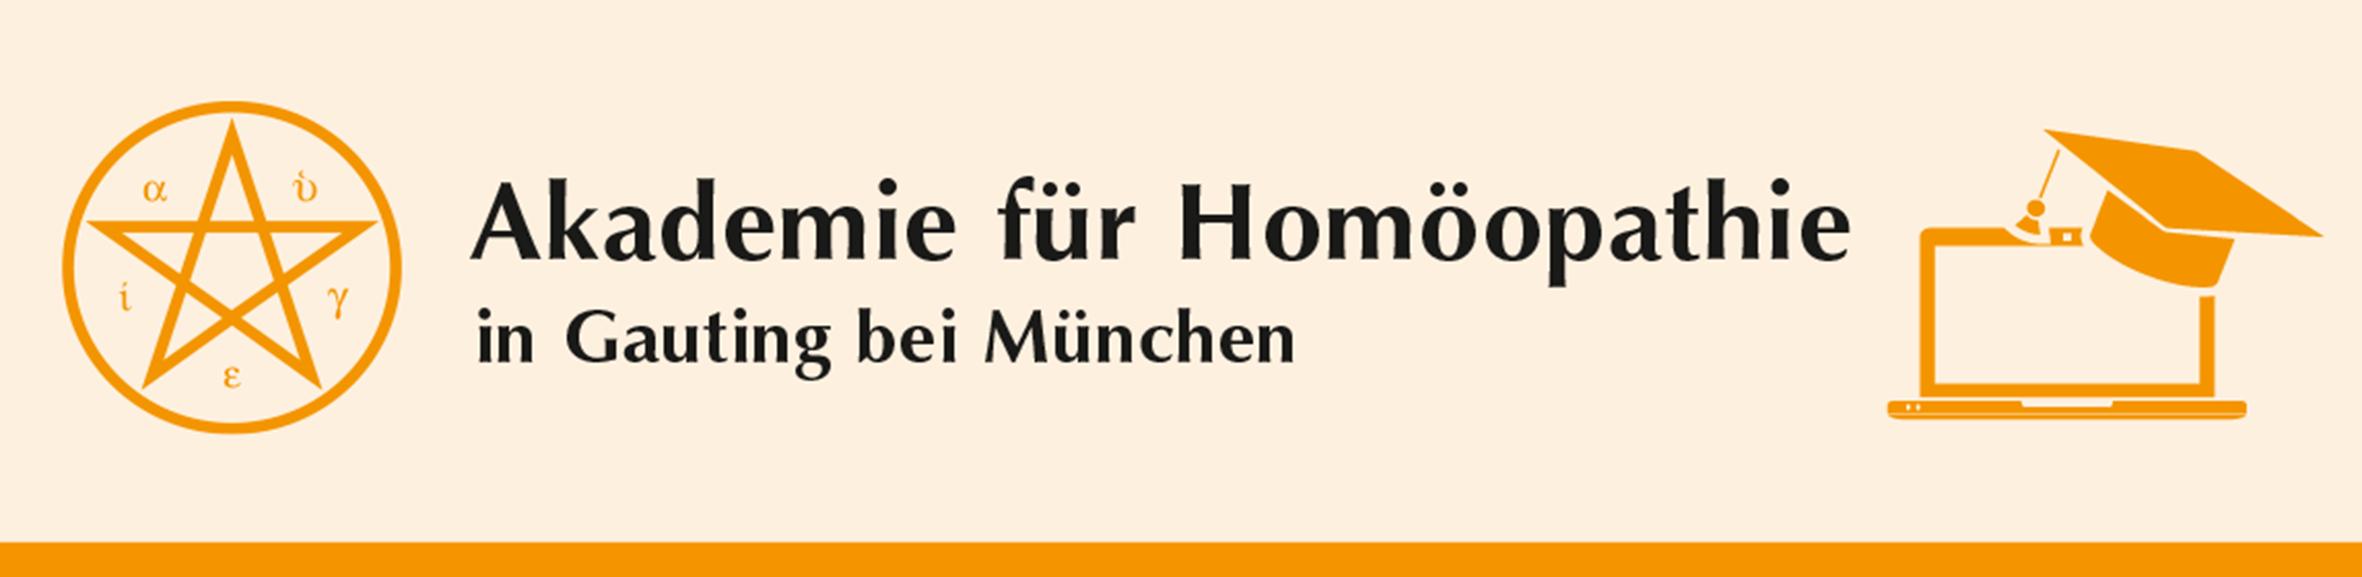 Logo der Akademie für Homöopathie